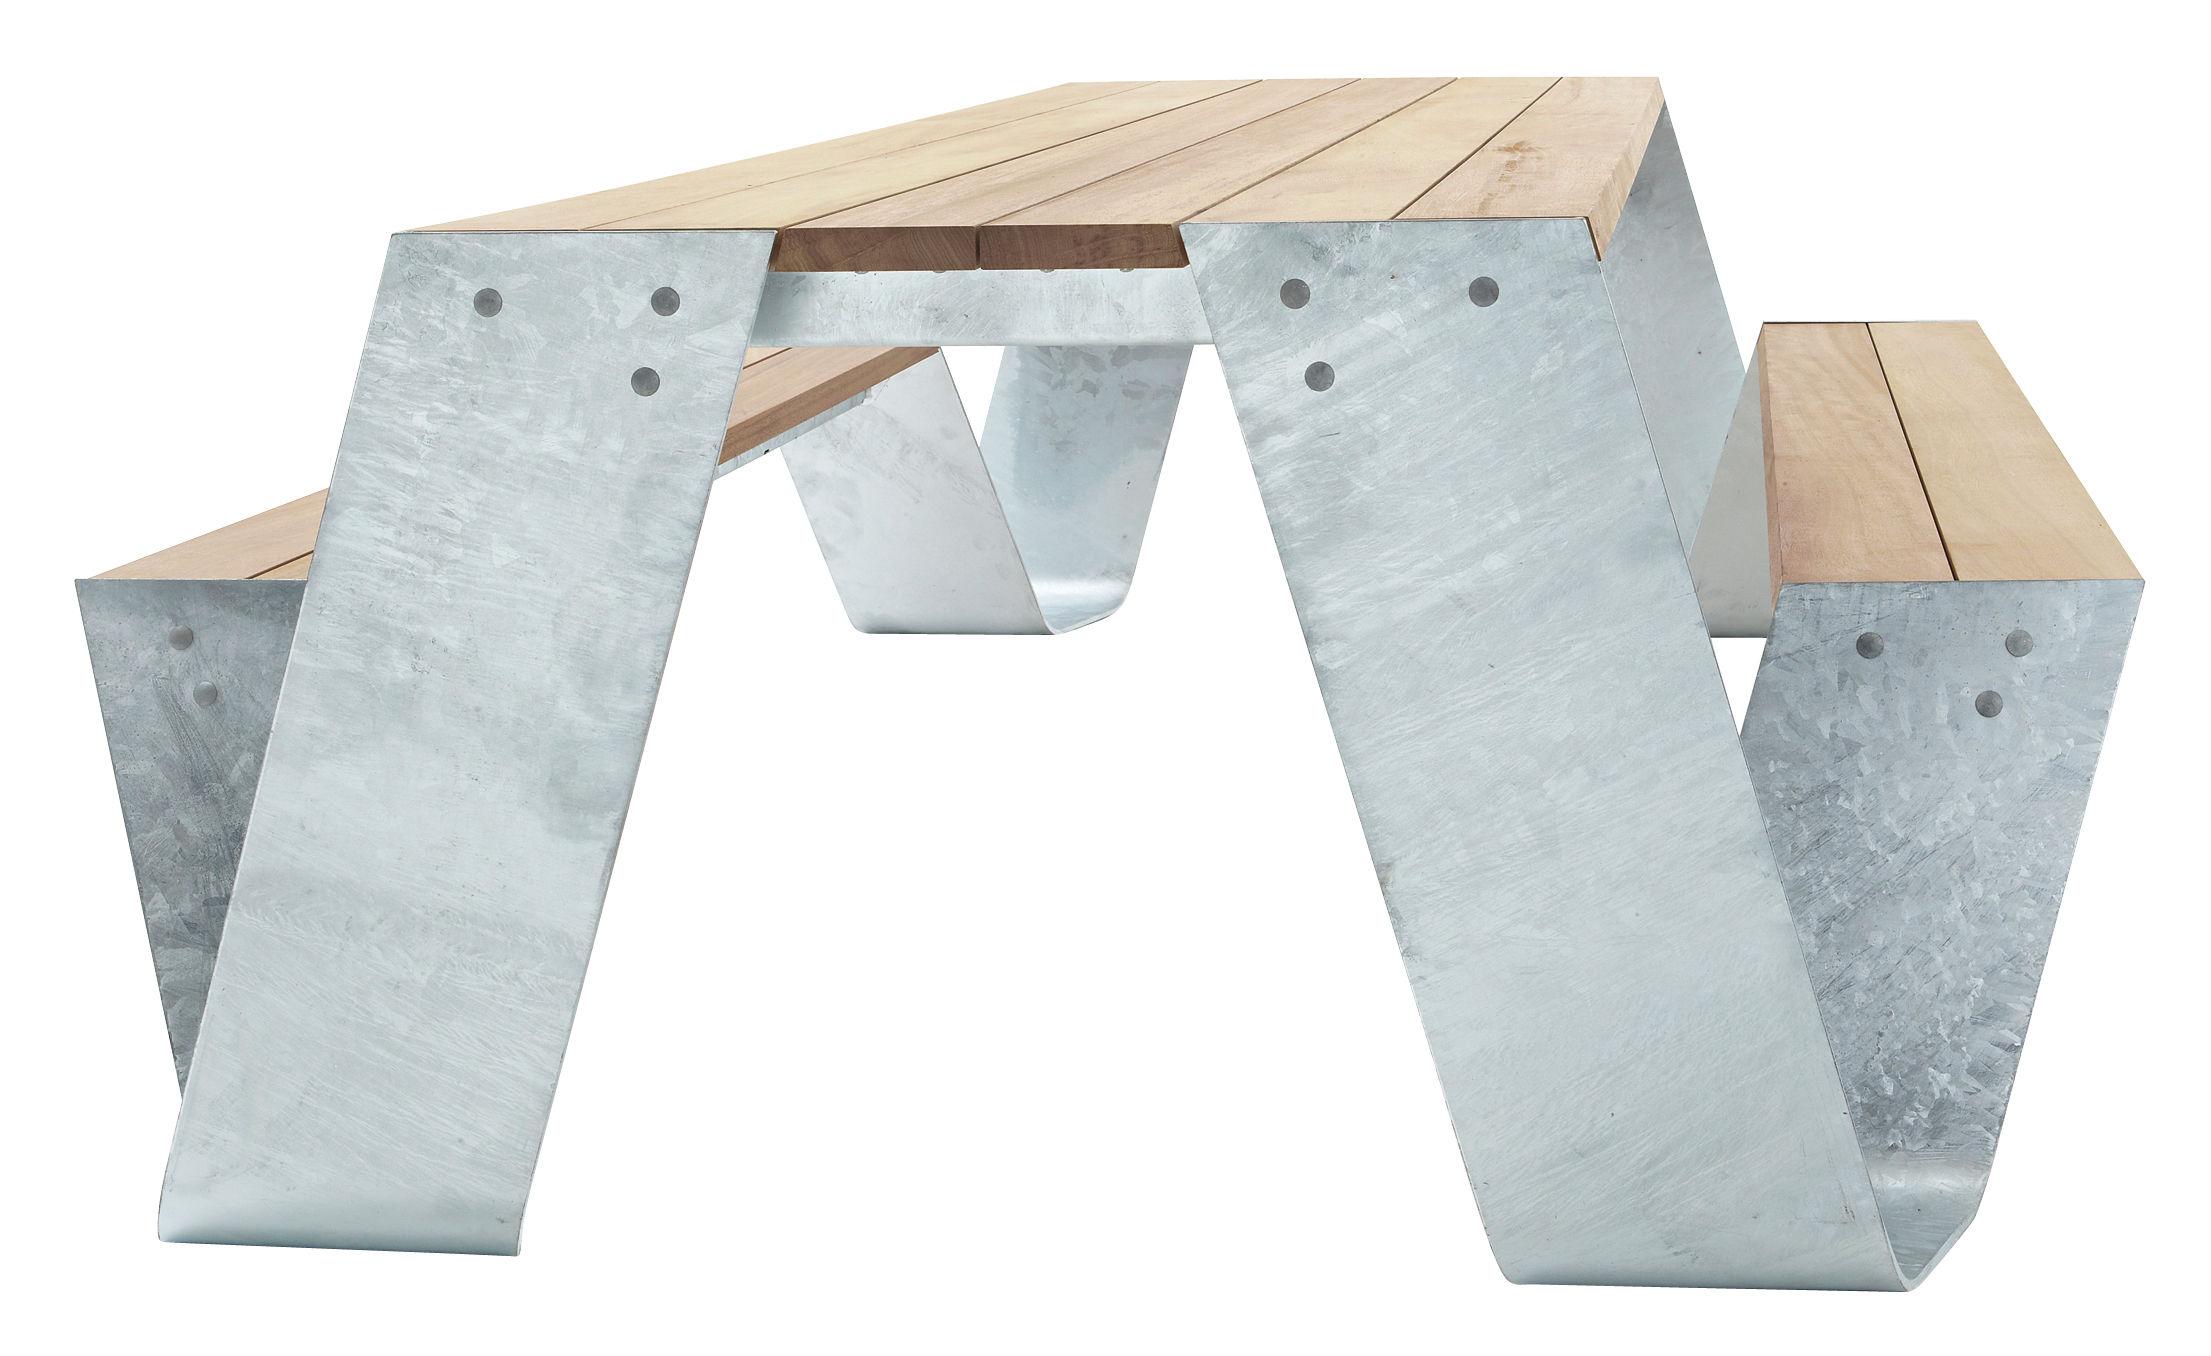 Outdoor - Tables de jardin - Set table & assises Hopper / 240 x 83 cm - Extremis - Acier galvanisé / Bois - Acier galvanisé, Frêne traité